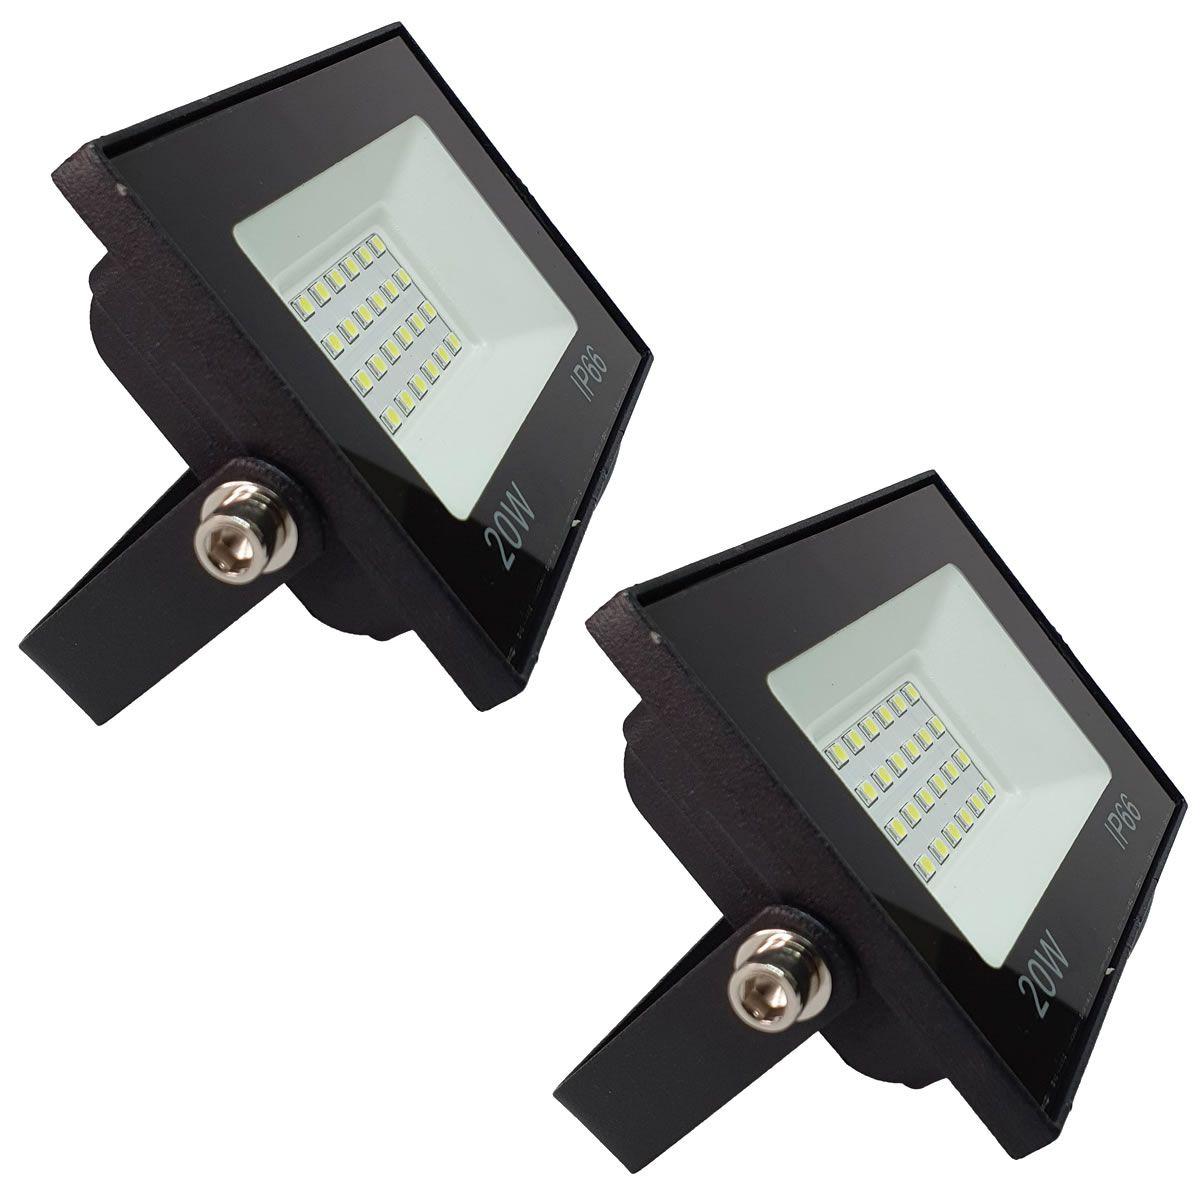 Refletor LED 30W SMD Holofote Iluminação Externa Bivolt IP66 Luz Branca